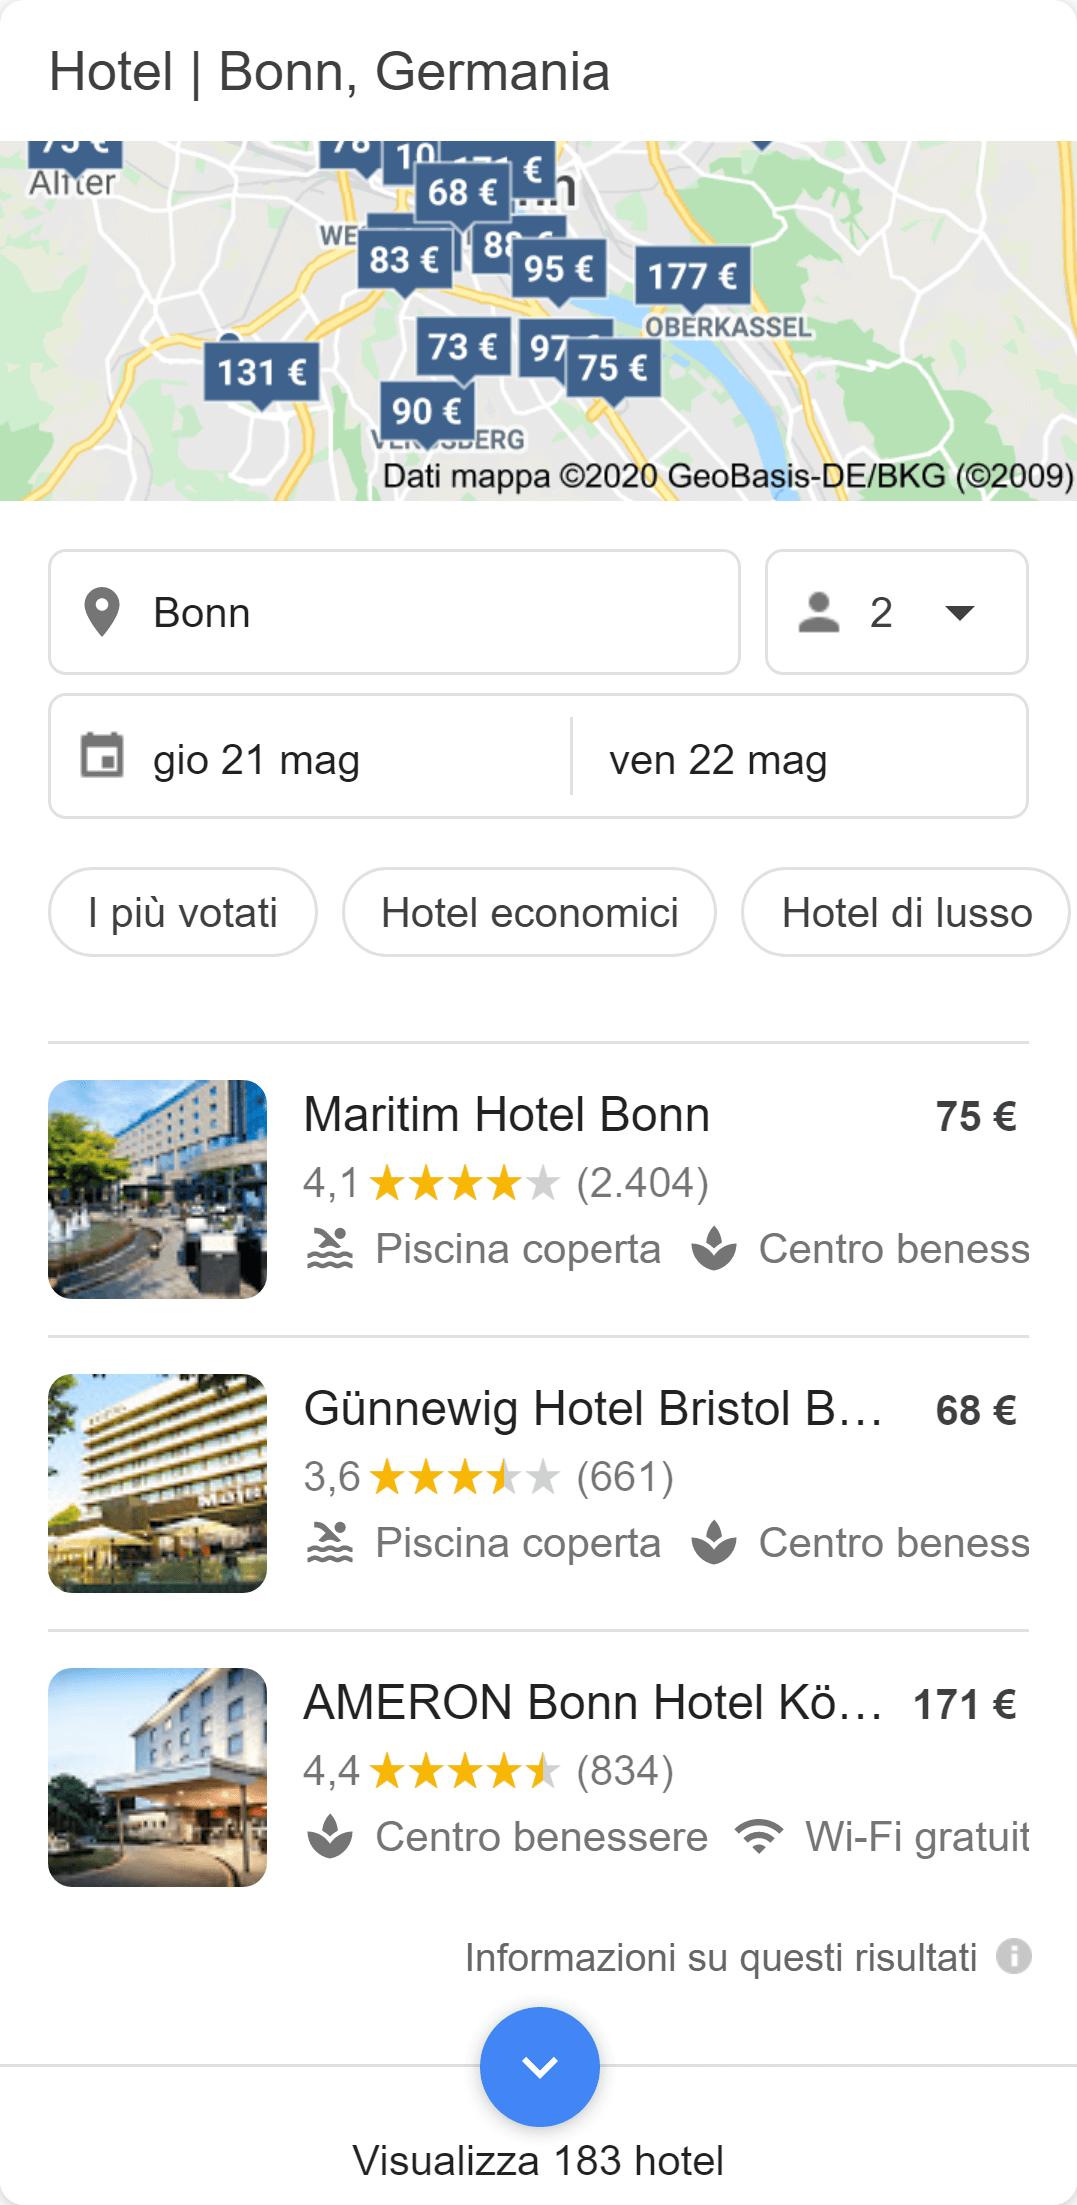 Esempio di ricerca verticale per gli hotel